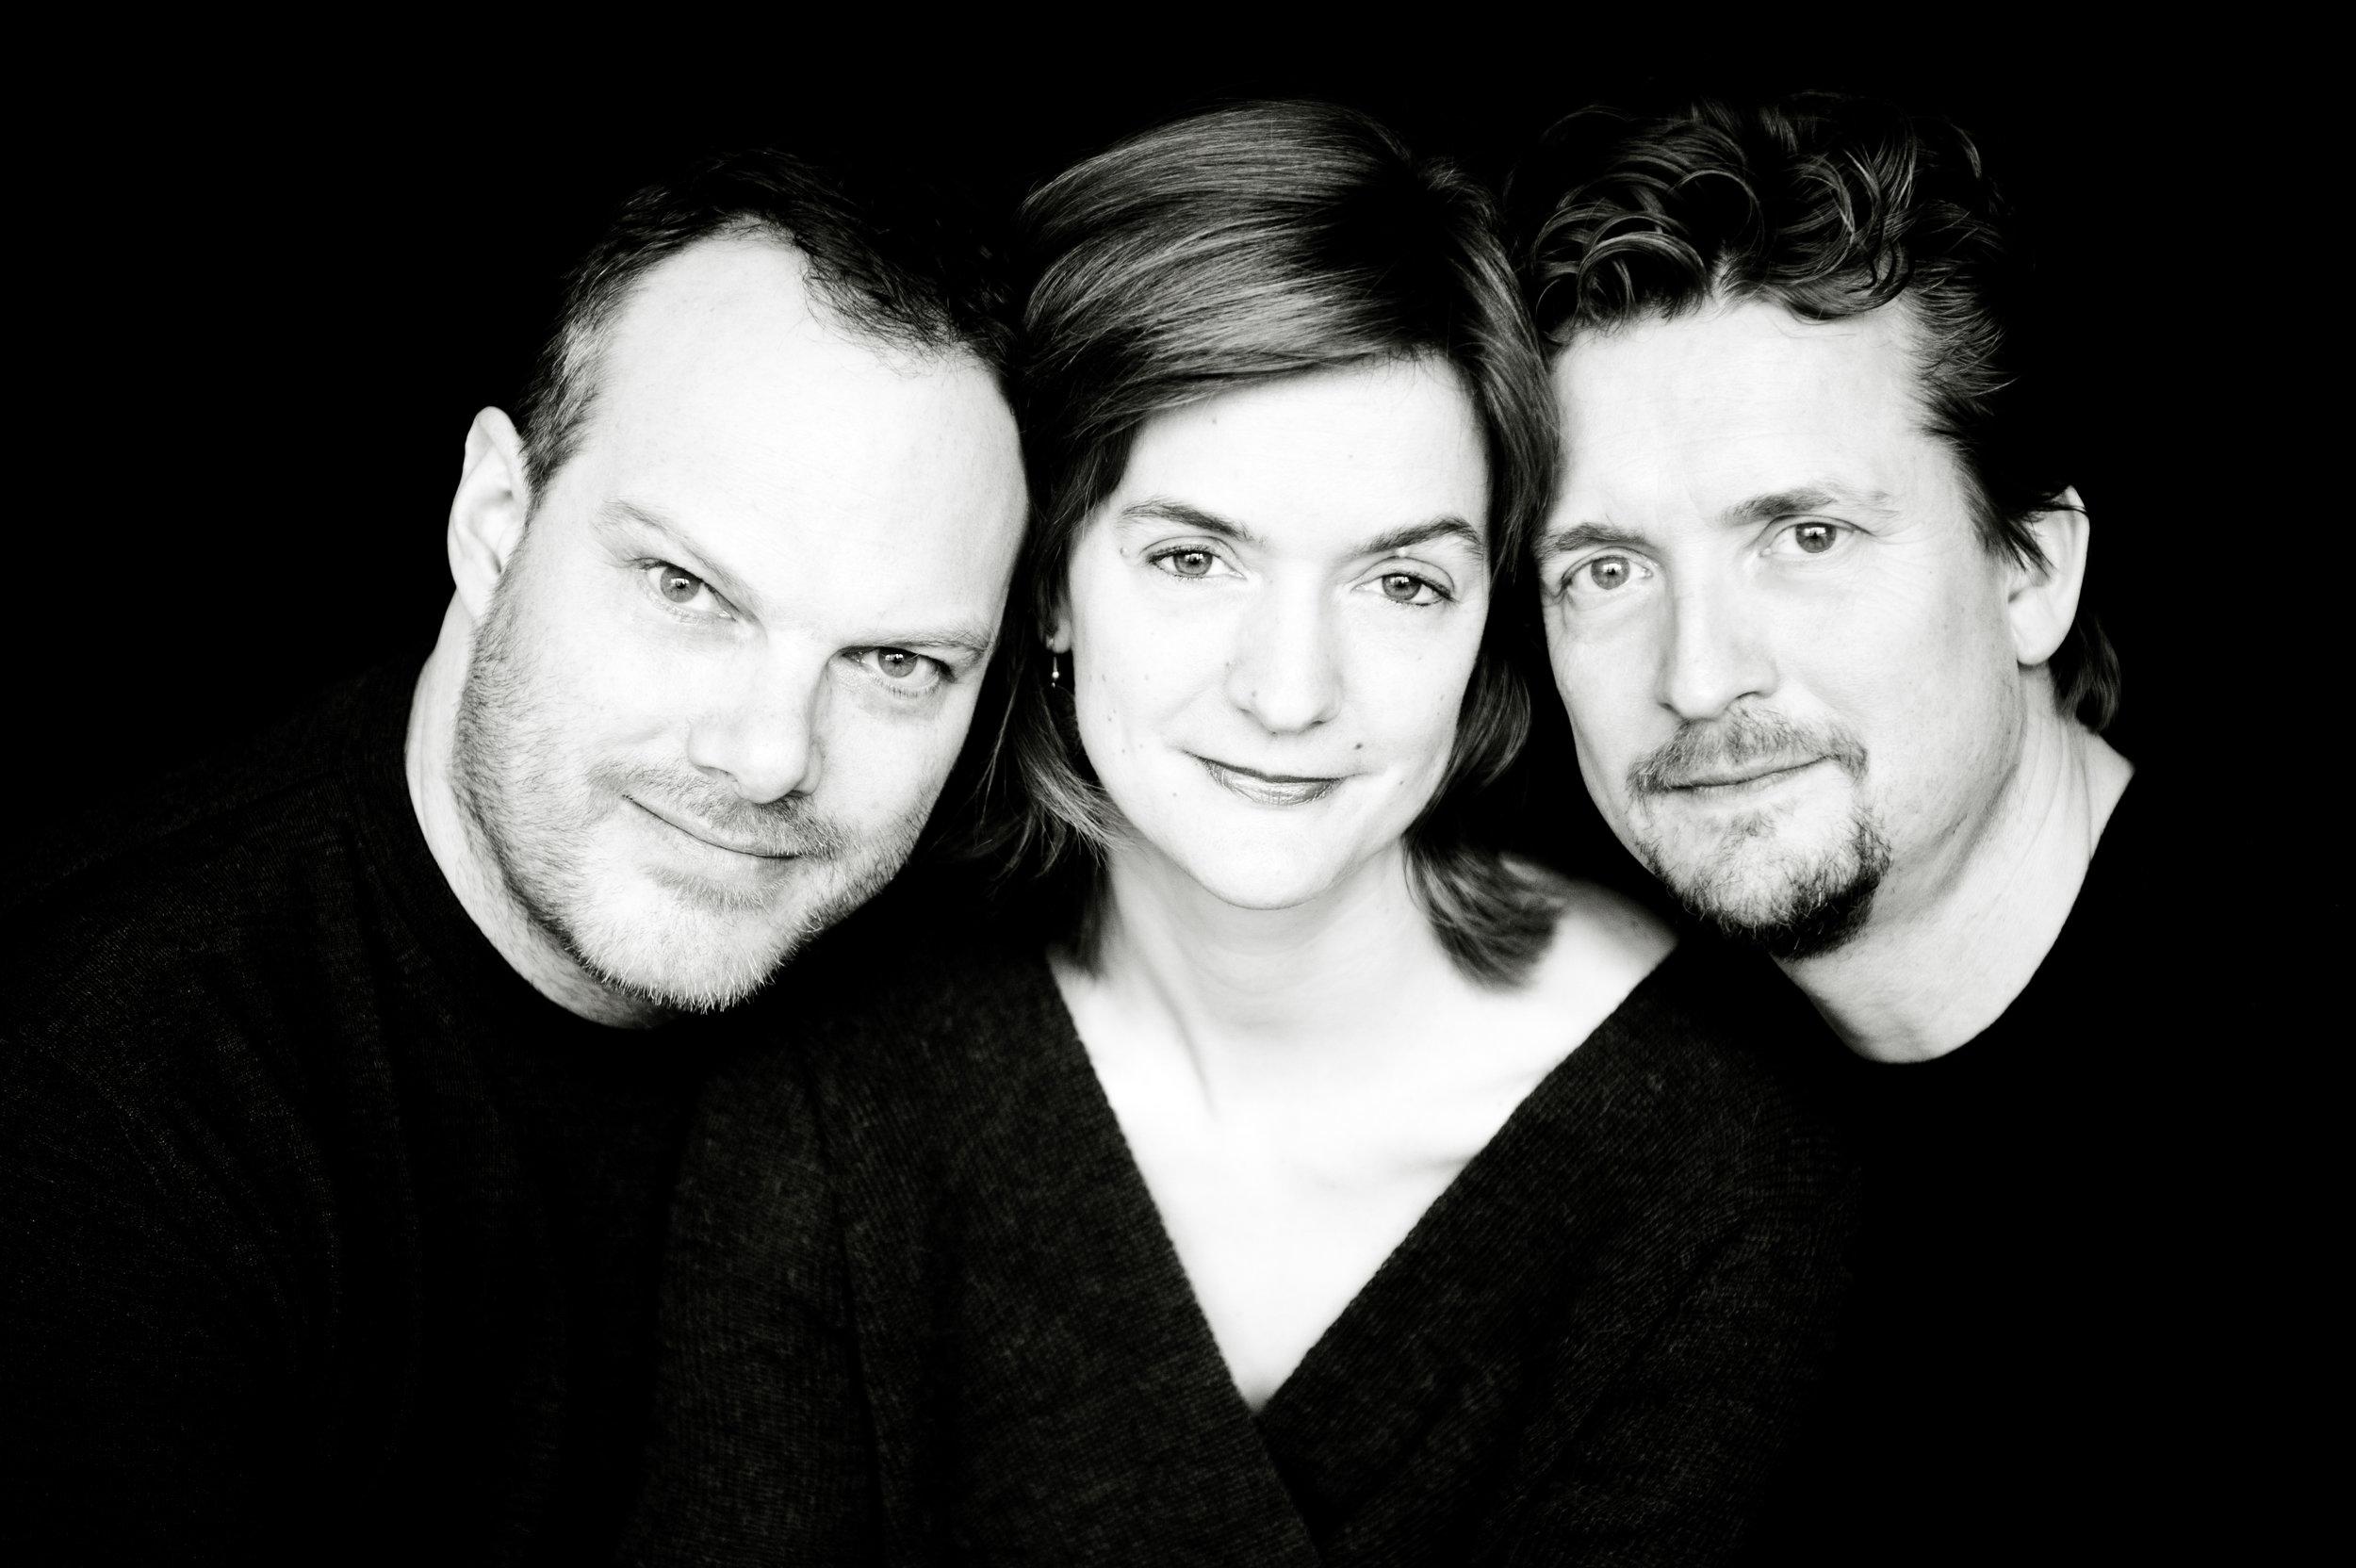 Tetzlaff-Tetzlaff-Vogt Trio 1_credit Giorgia Bertazzi.jpg